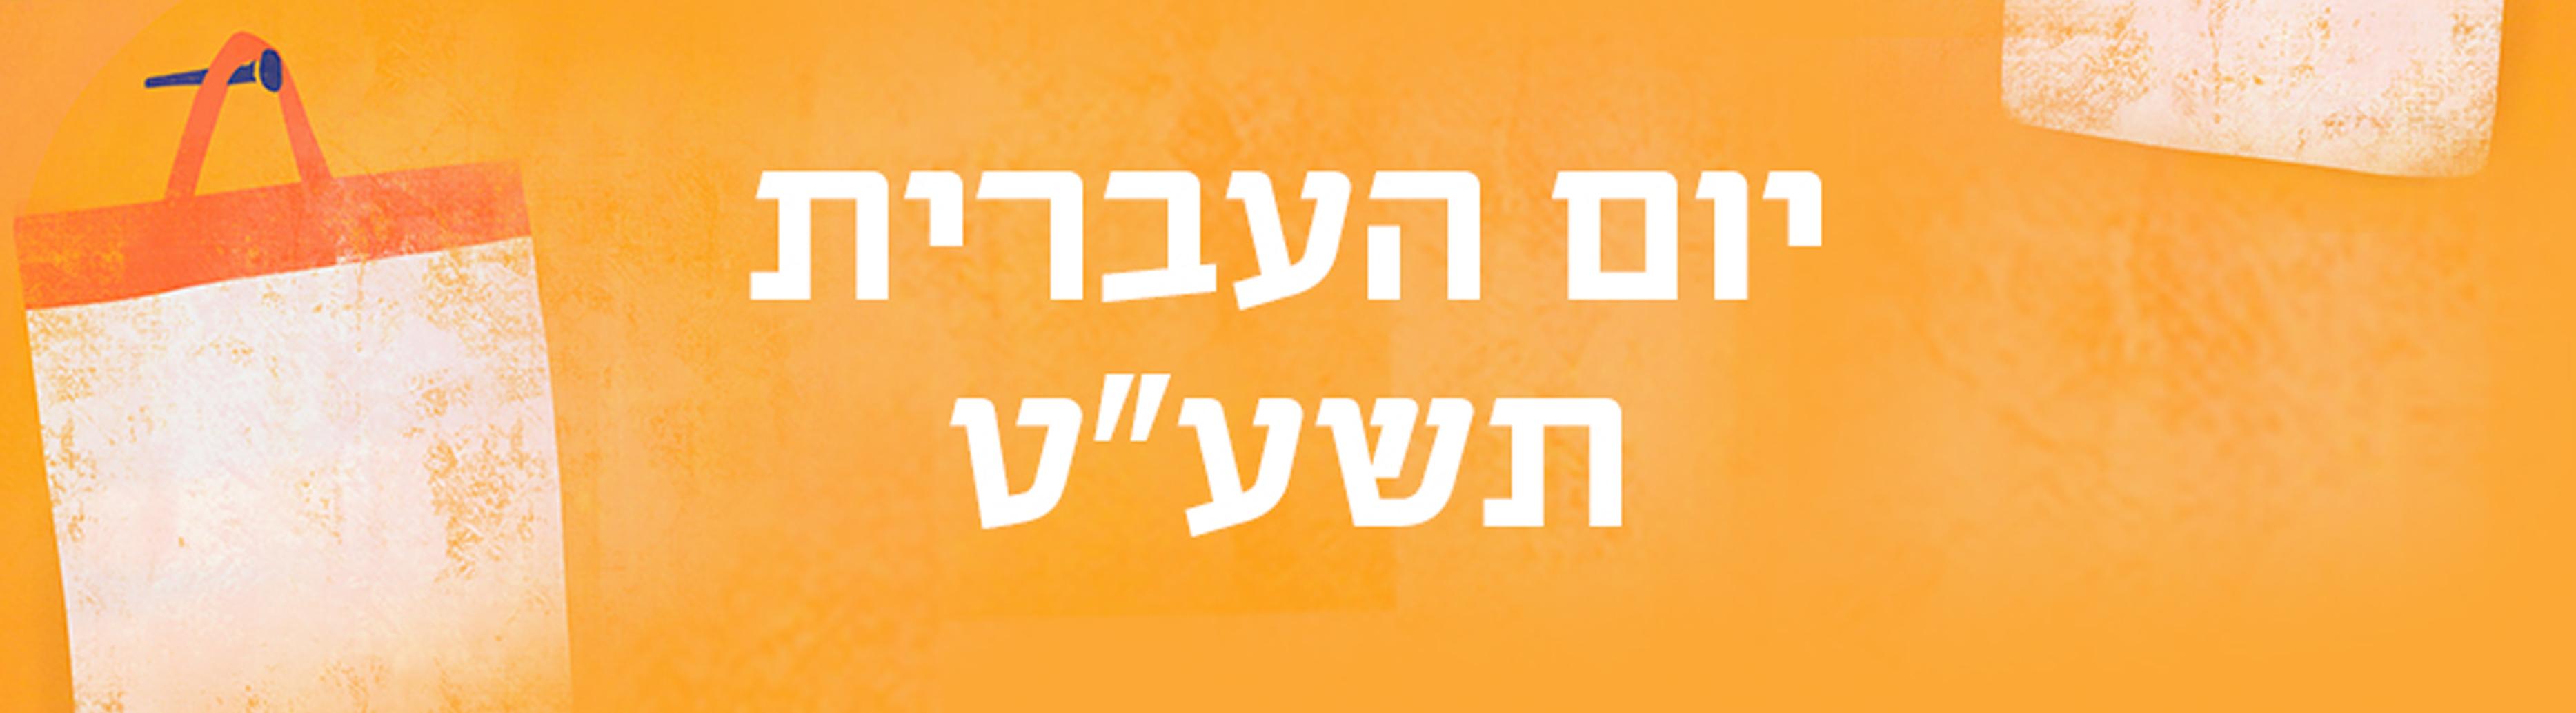 """תמונת כותרת עם הכיתוב יום העברית תשע""""ט"""